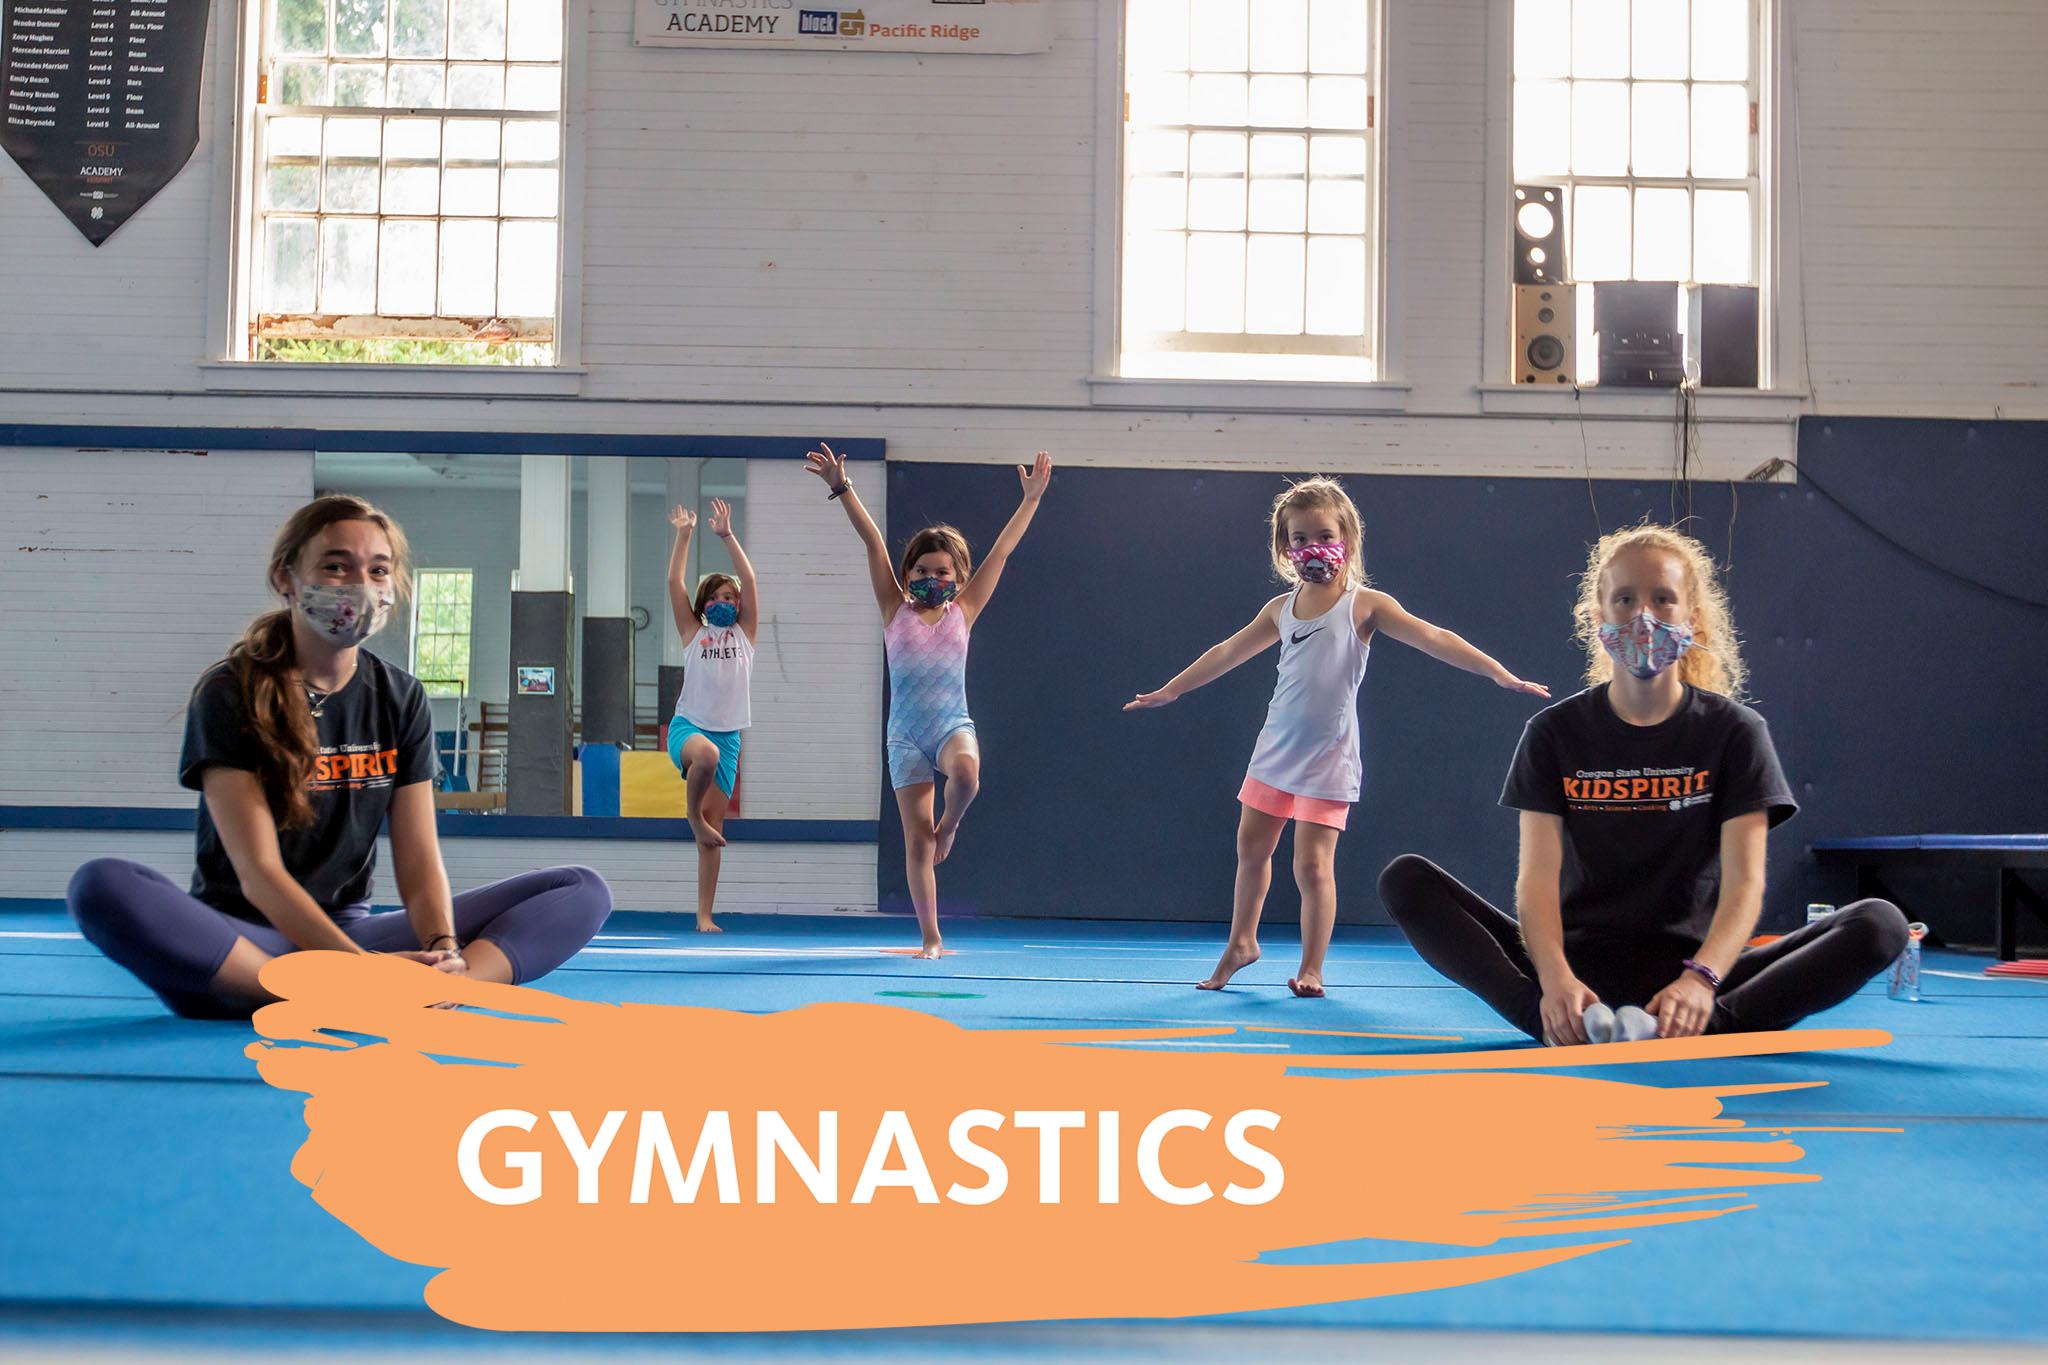 KidSpirit Recreation Gymnastics Best Program for kids Youth Gymnastics